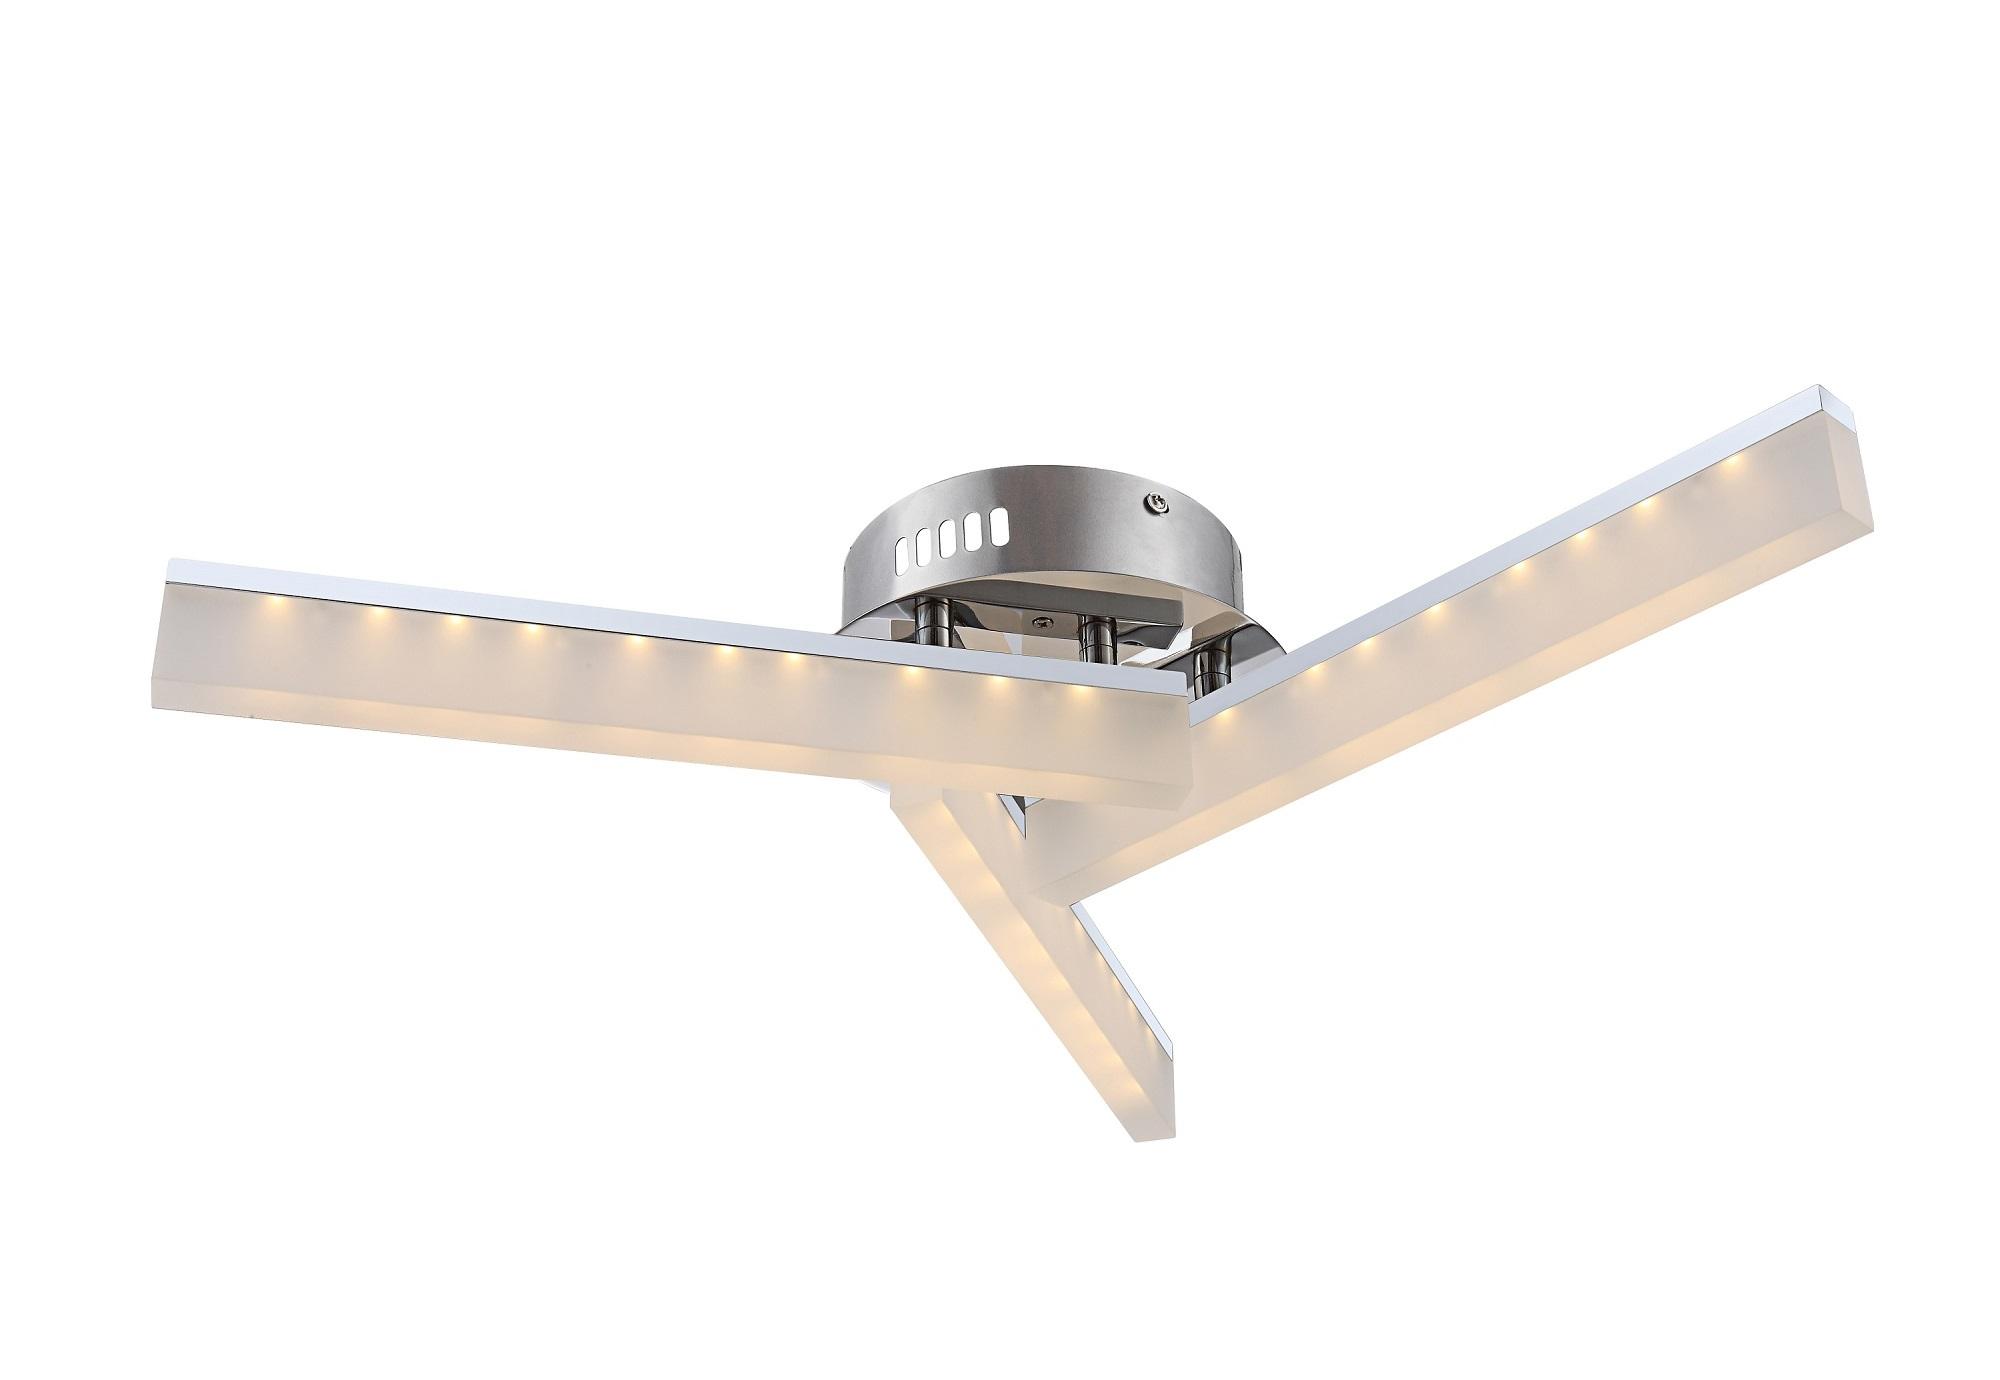 Светильник потолочныйПотолочные светильники<br>&amp;lt;div&amp;gt;Вид цоколя: LED&amp;lt;/div&amp;gt;&amp;lt;div&amp;gt;Мощность: 5W&amp;lt;/div&amp;gt;&amp;lt;div&amp;gt;Количество ламп: 3&amp;lt;/div&amp;gt;&amp;lt;div&amp;gt;&amp;lt;br&amp;gt;&amp;lt;/div&amp;gt;&amp;lt;div&amp;gt;Материал: металл, акрил&amp;lt;/div&amp;gt;<br><br>Material: Металл<br>Высота см: 10